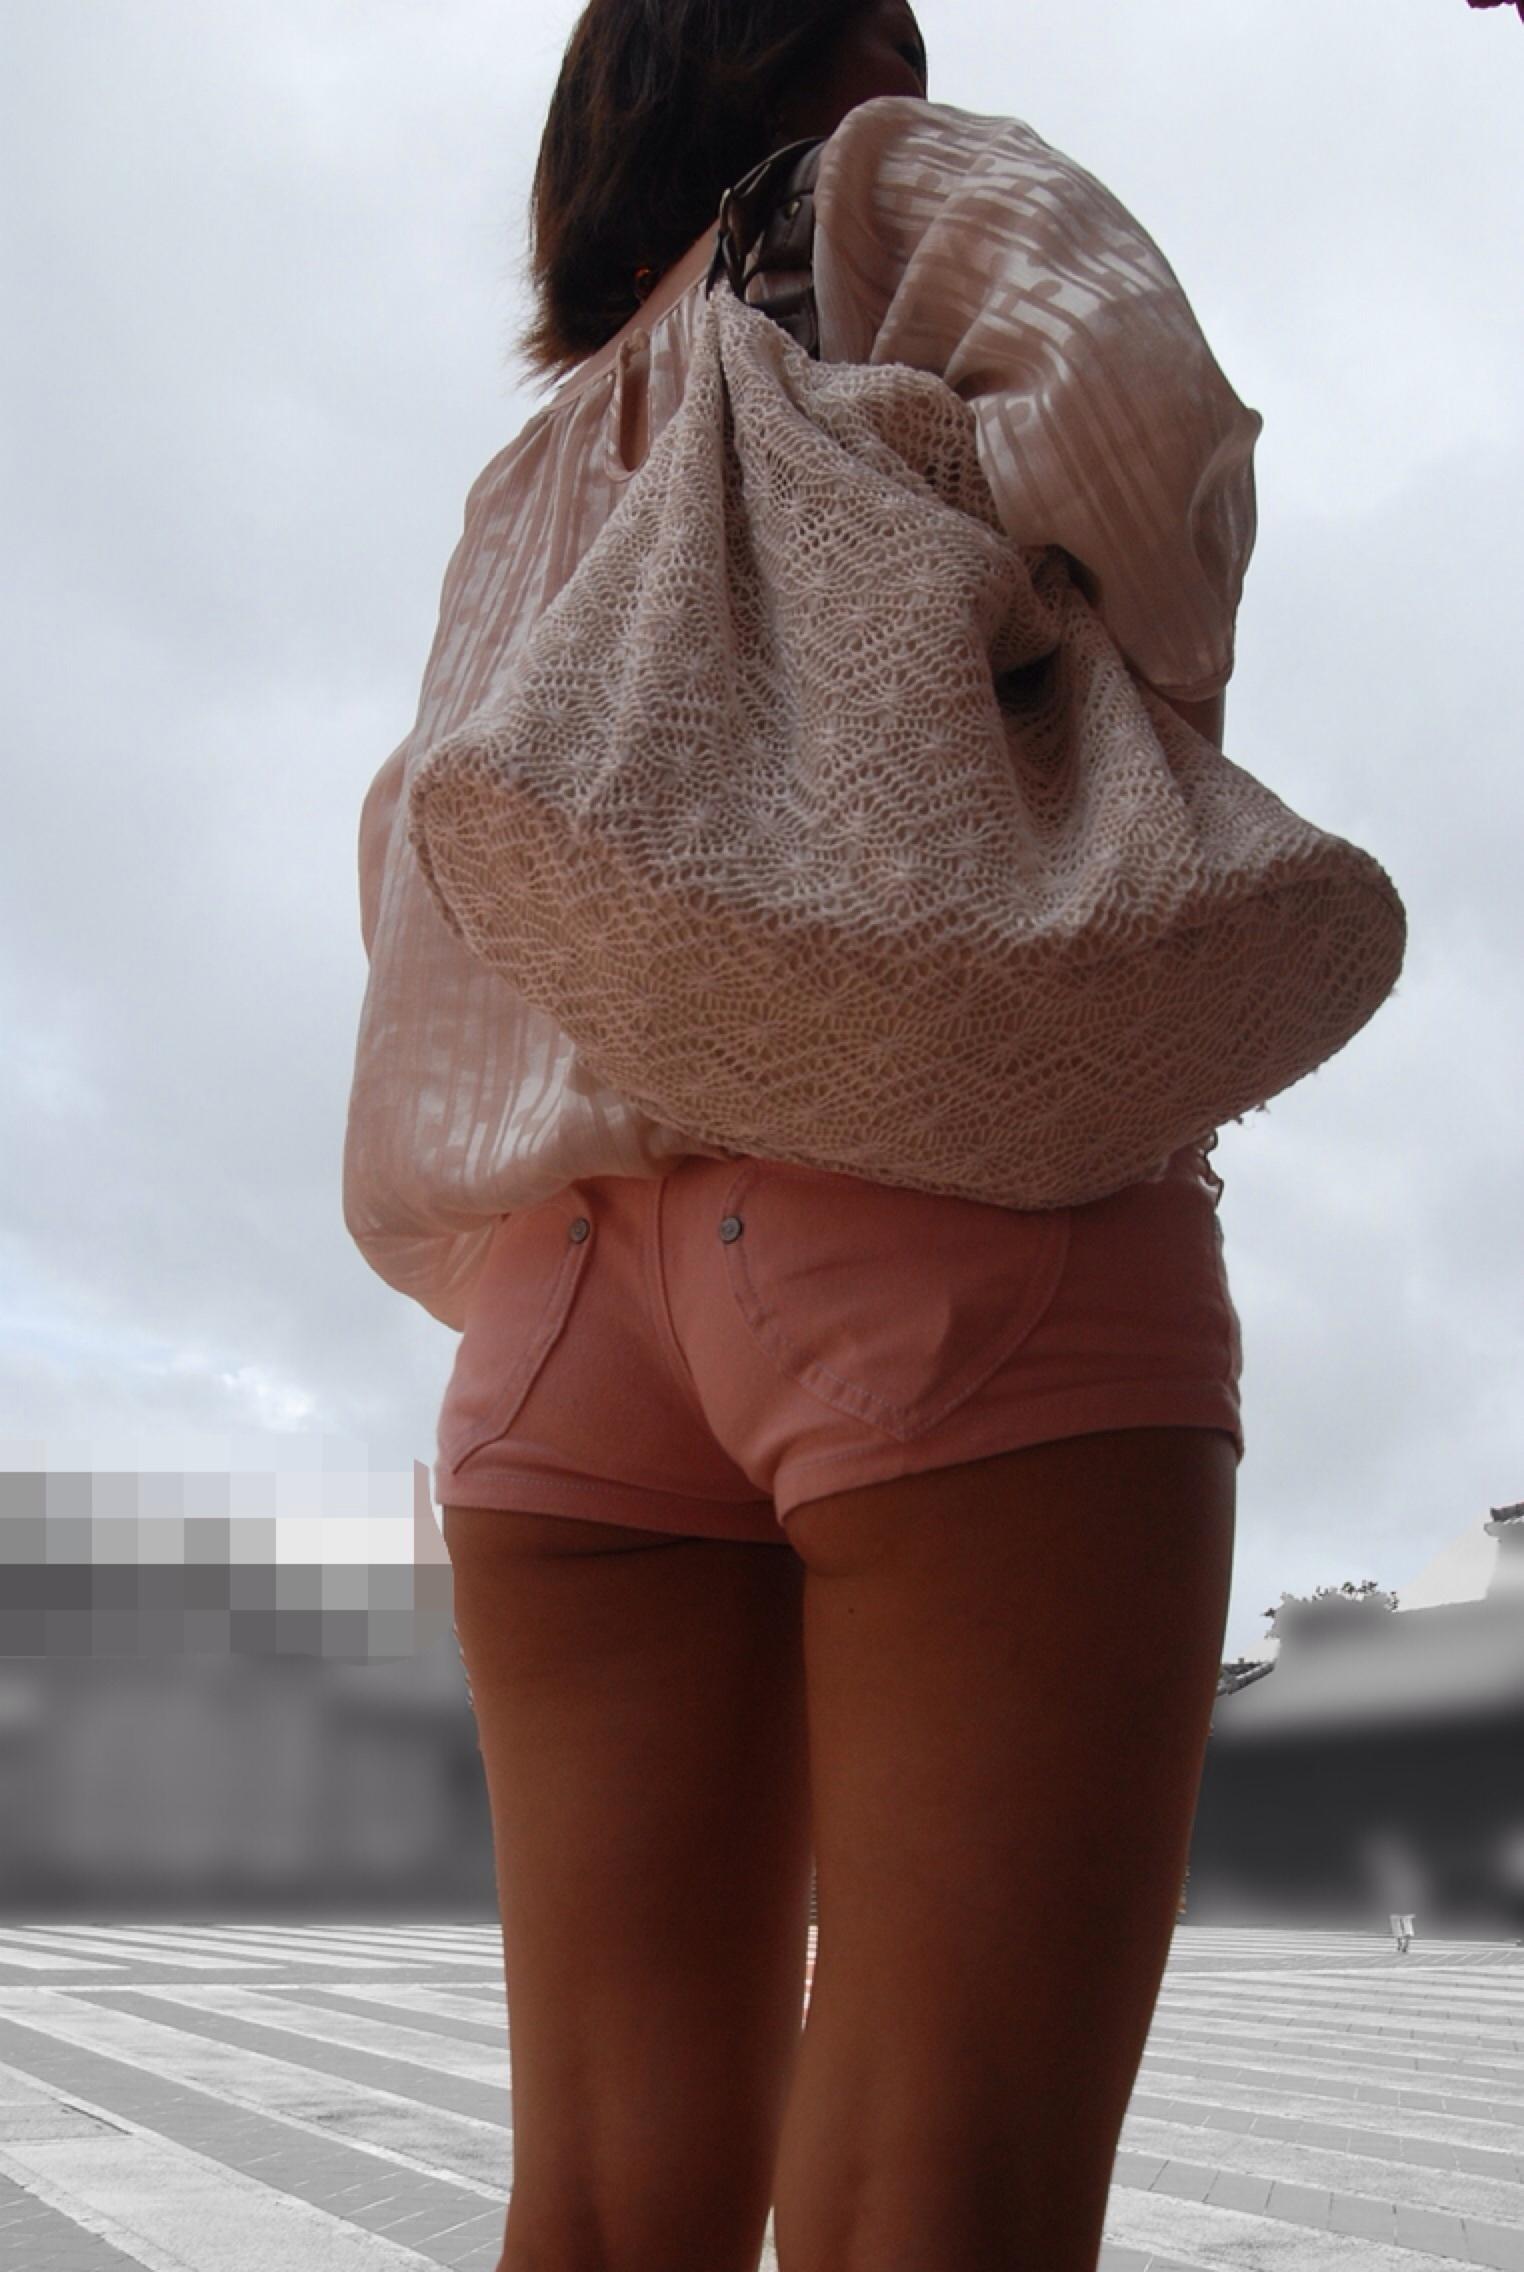 【尻チラエロ画像】裾から隠しきれない肉がwホットパンツ女子のワガママなハミ尻www 25